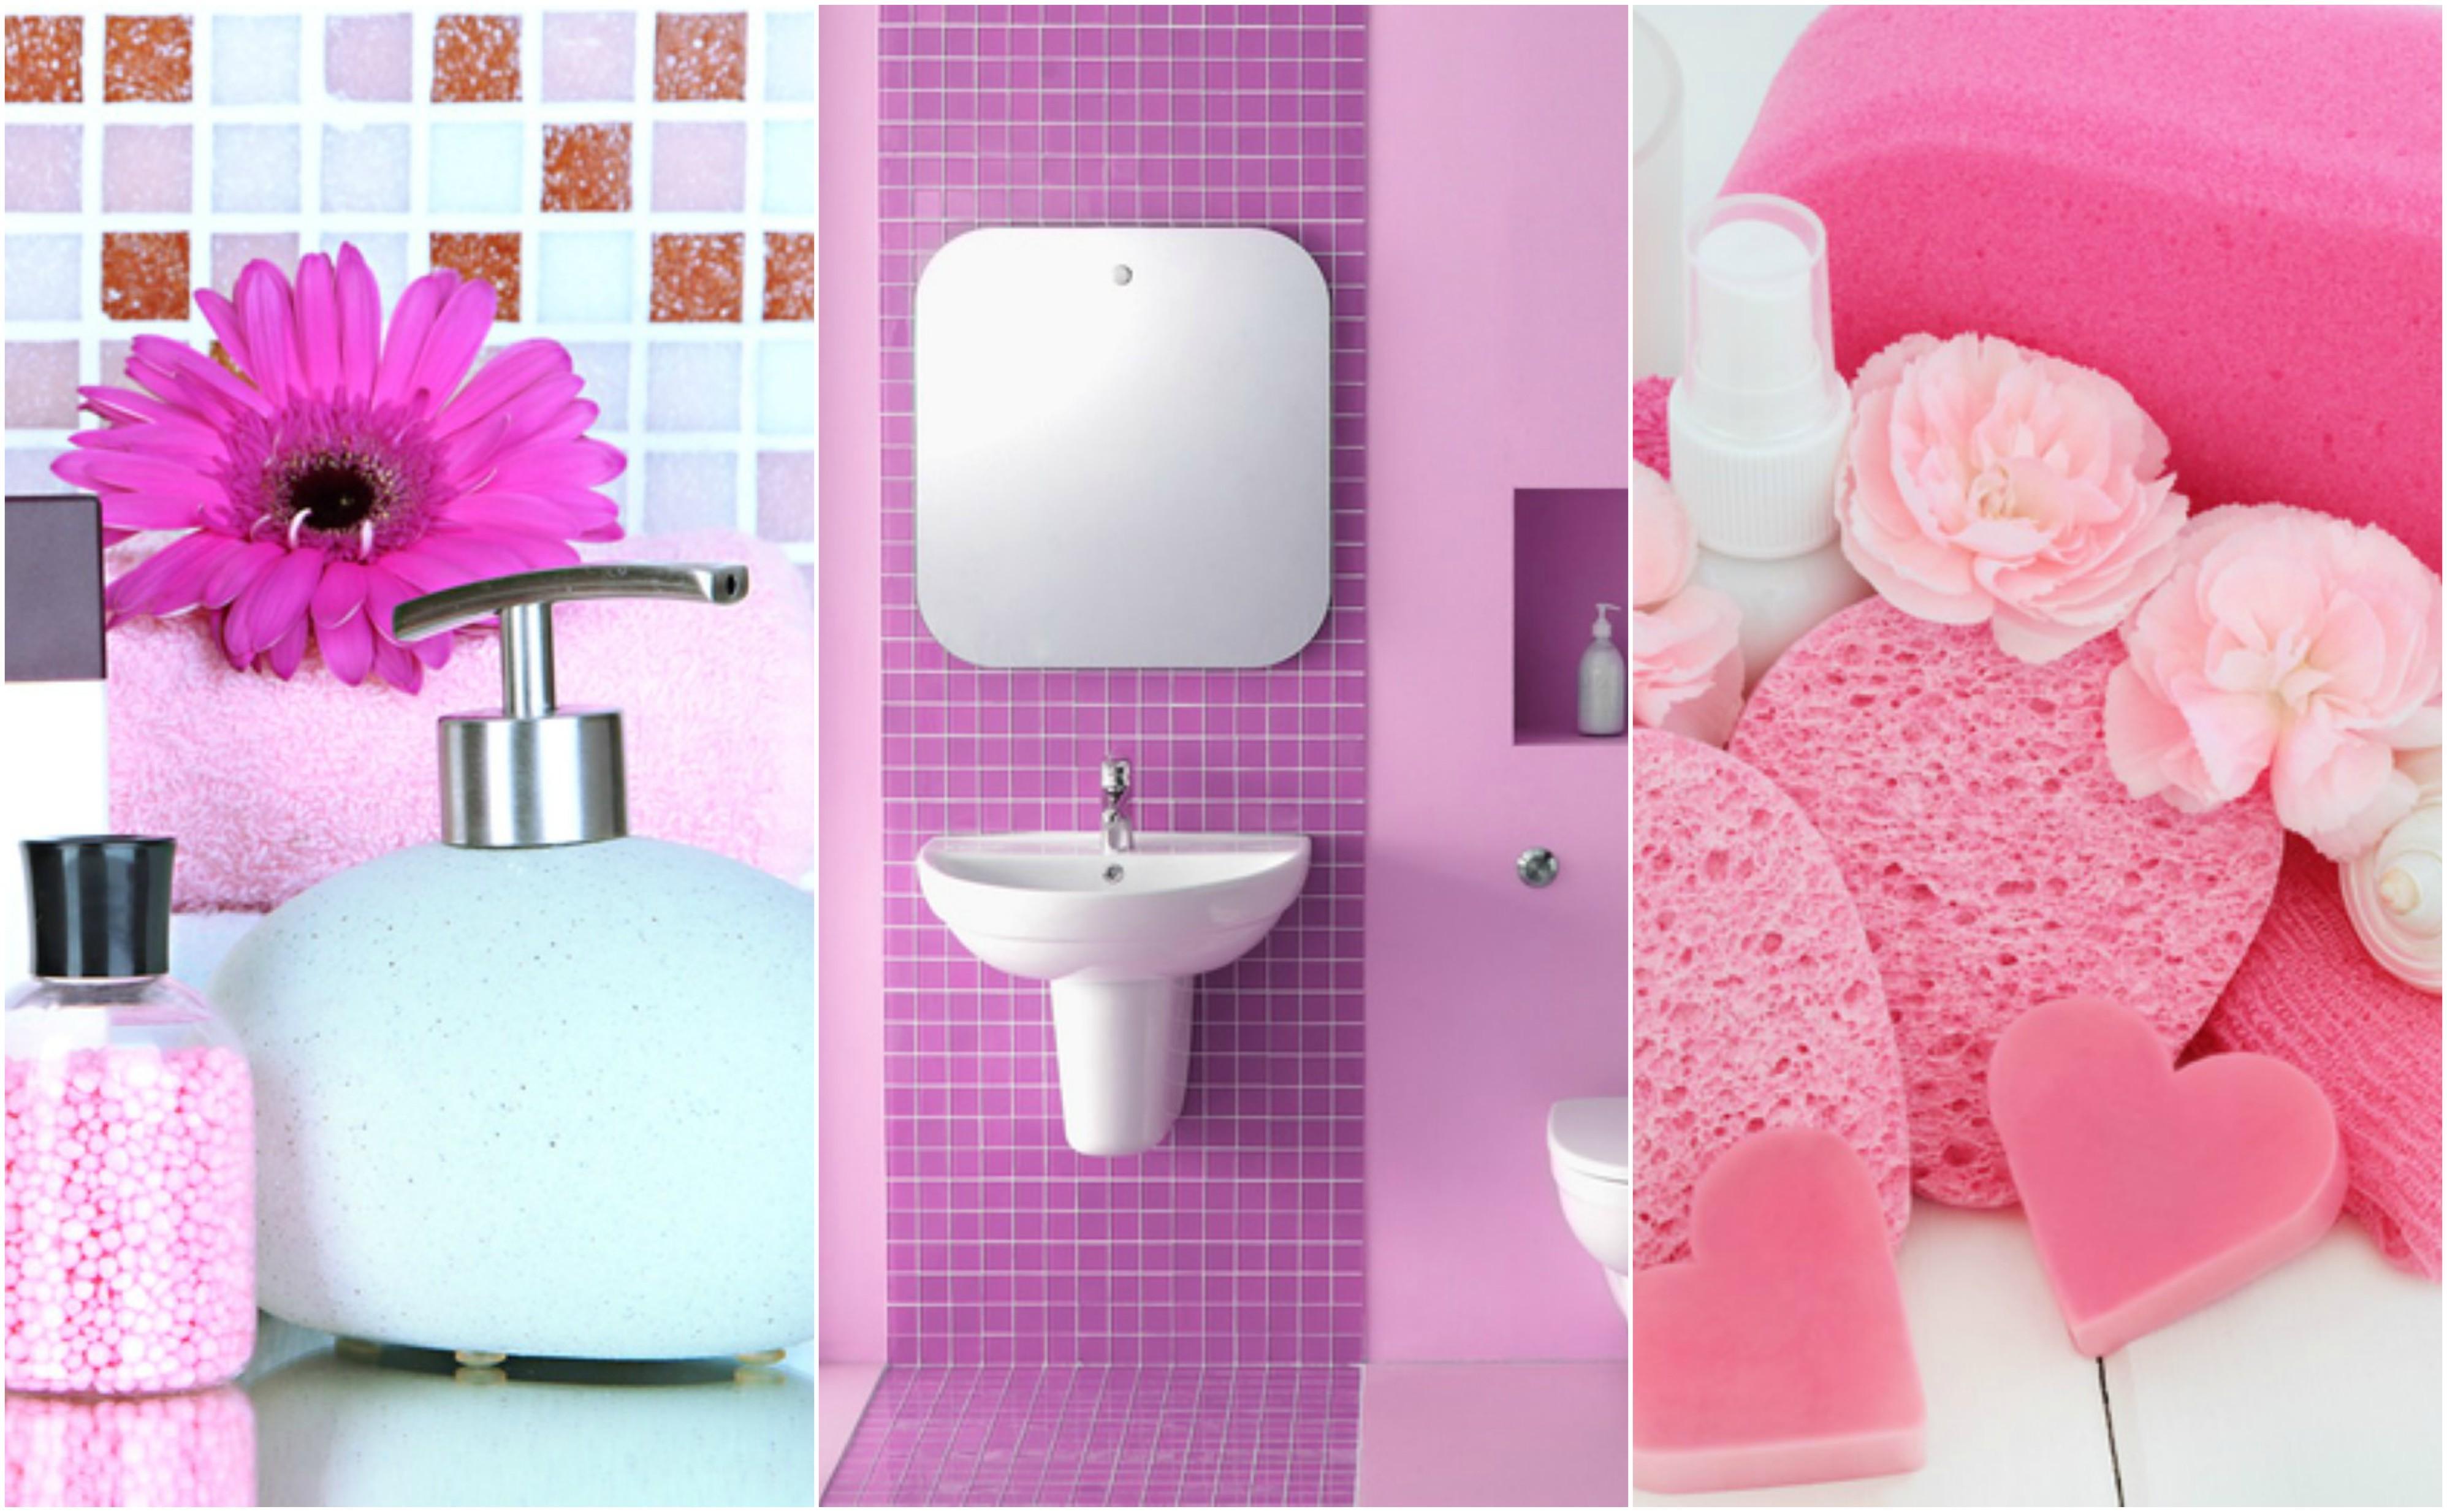 Dieci idee per il bagno di primavera tgcom24